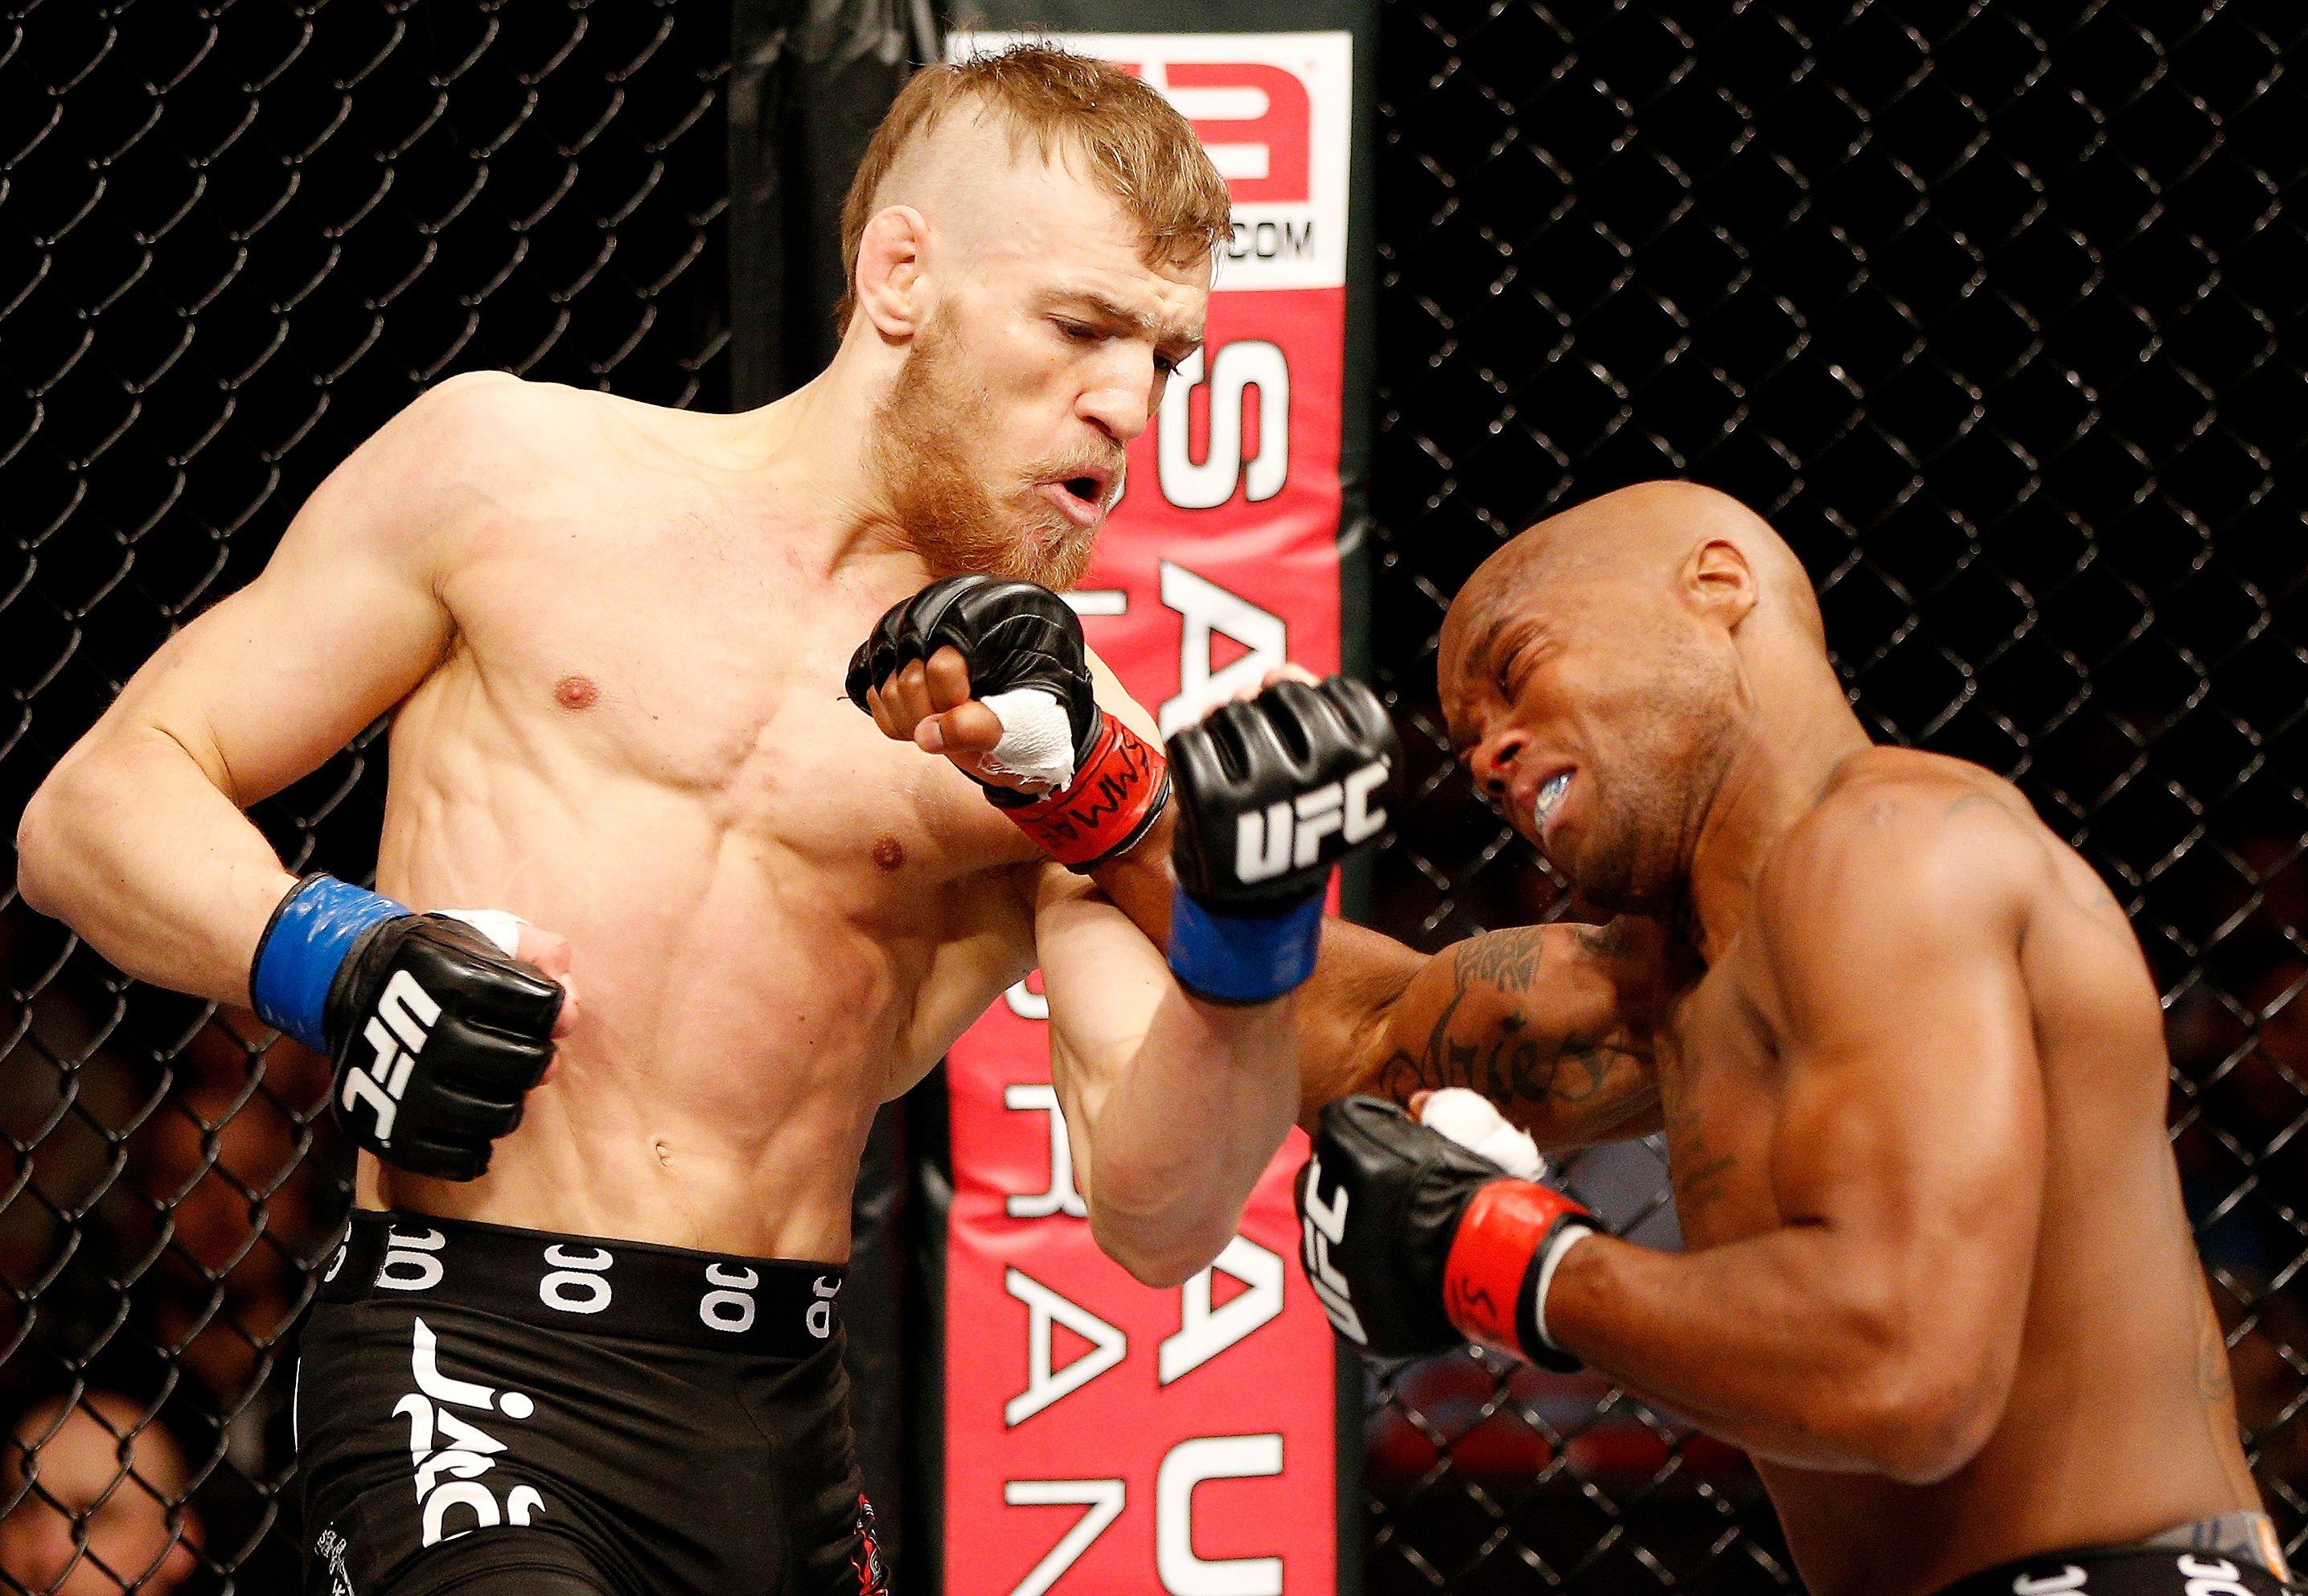 McGregor's first UFC win